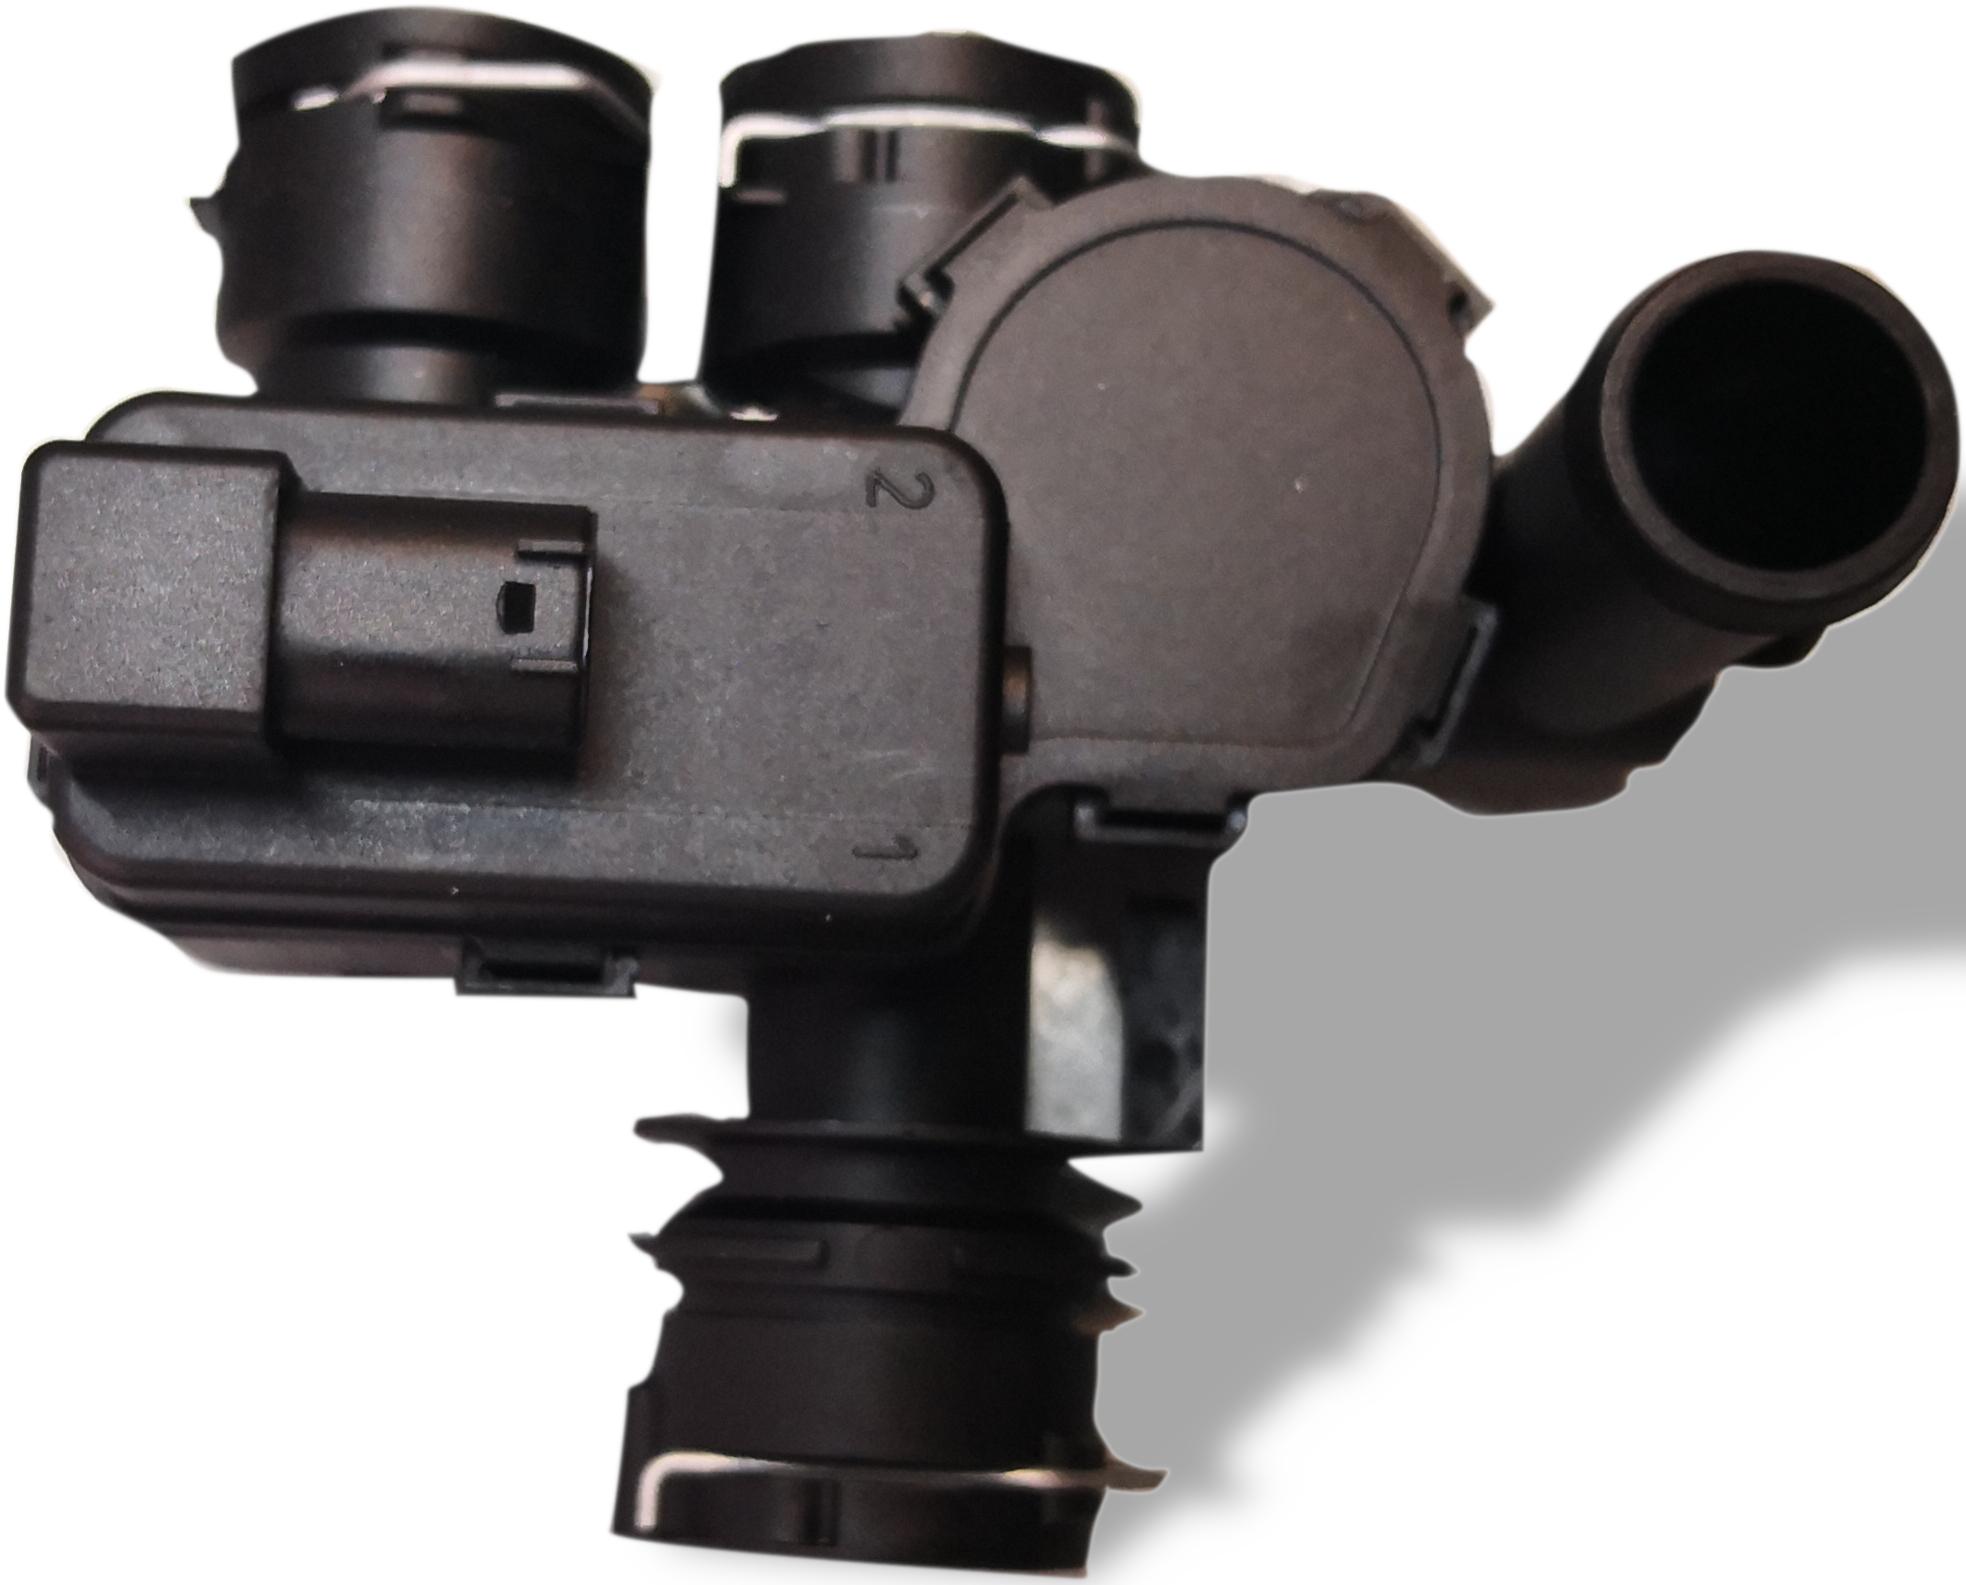 новый оригинальный клапан отопления e класс w211 cls